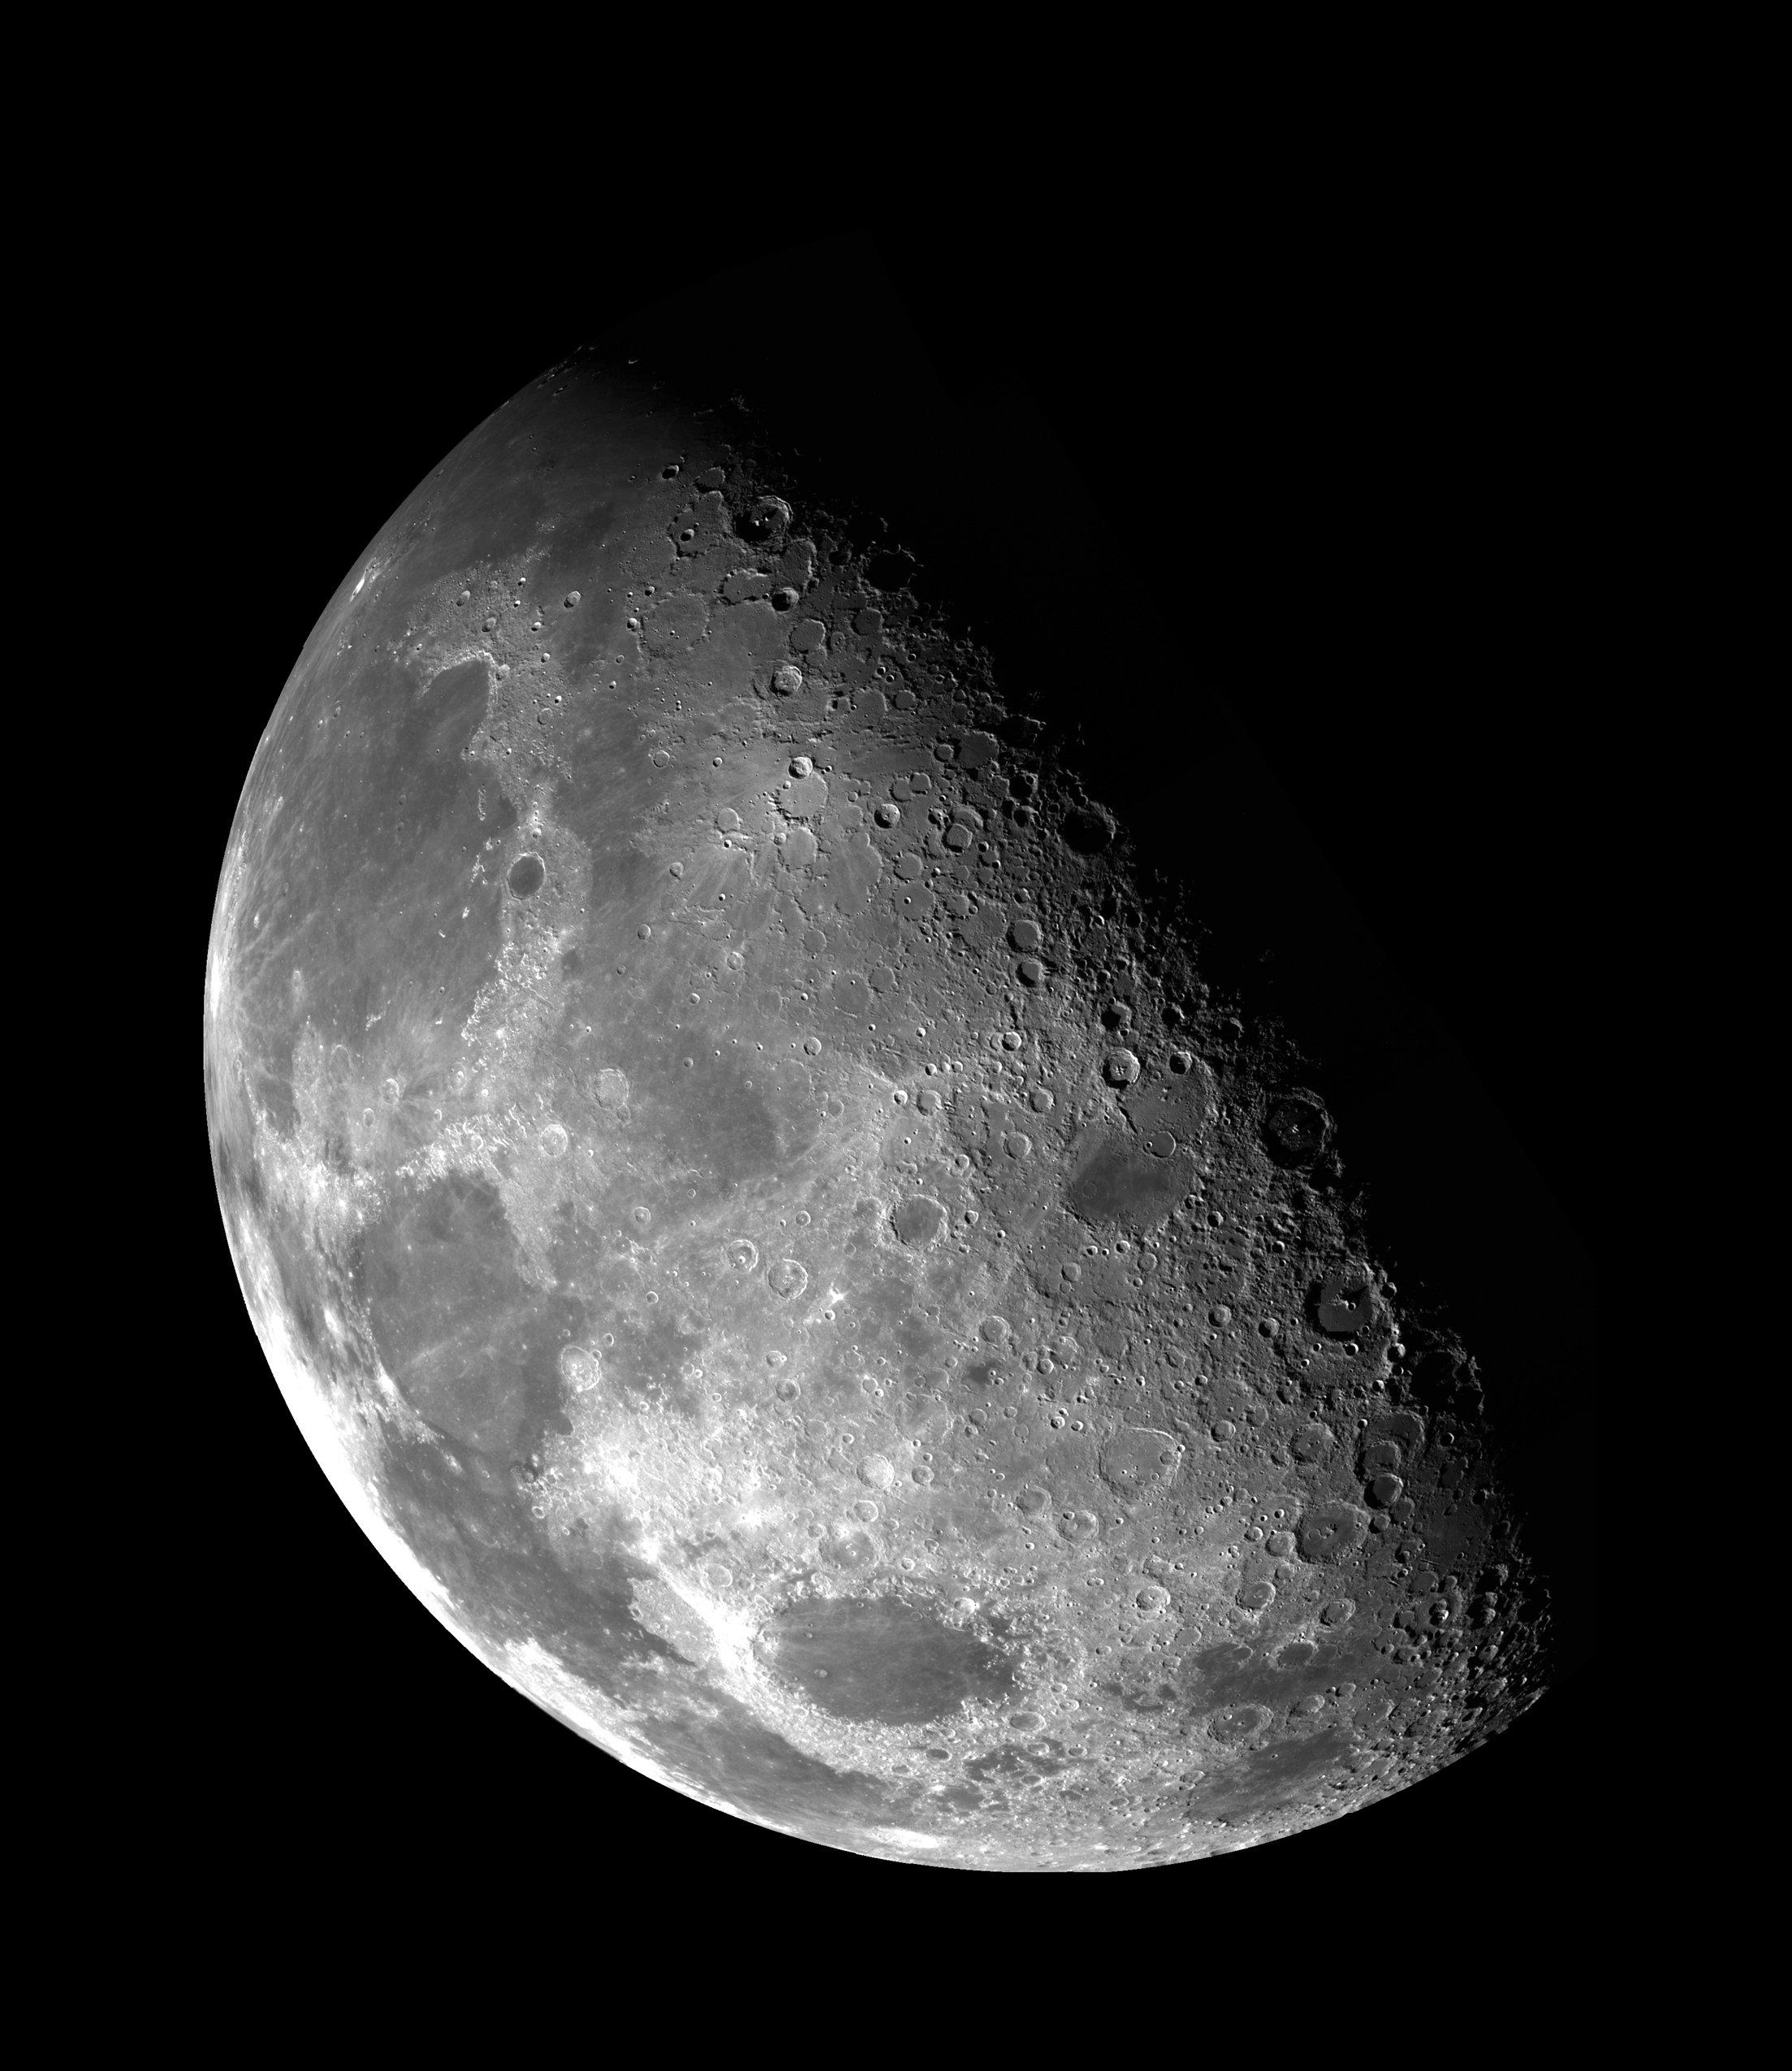 Названы имена женщин, которых отправят измерять уровень радиации вокруг Луны